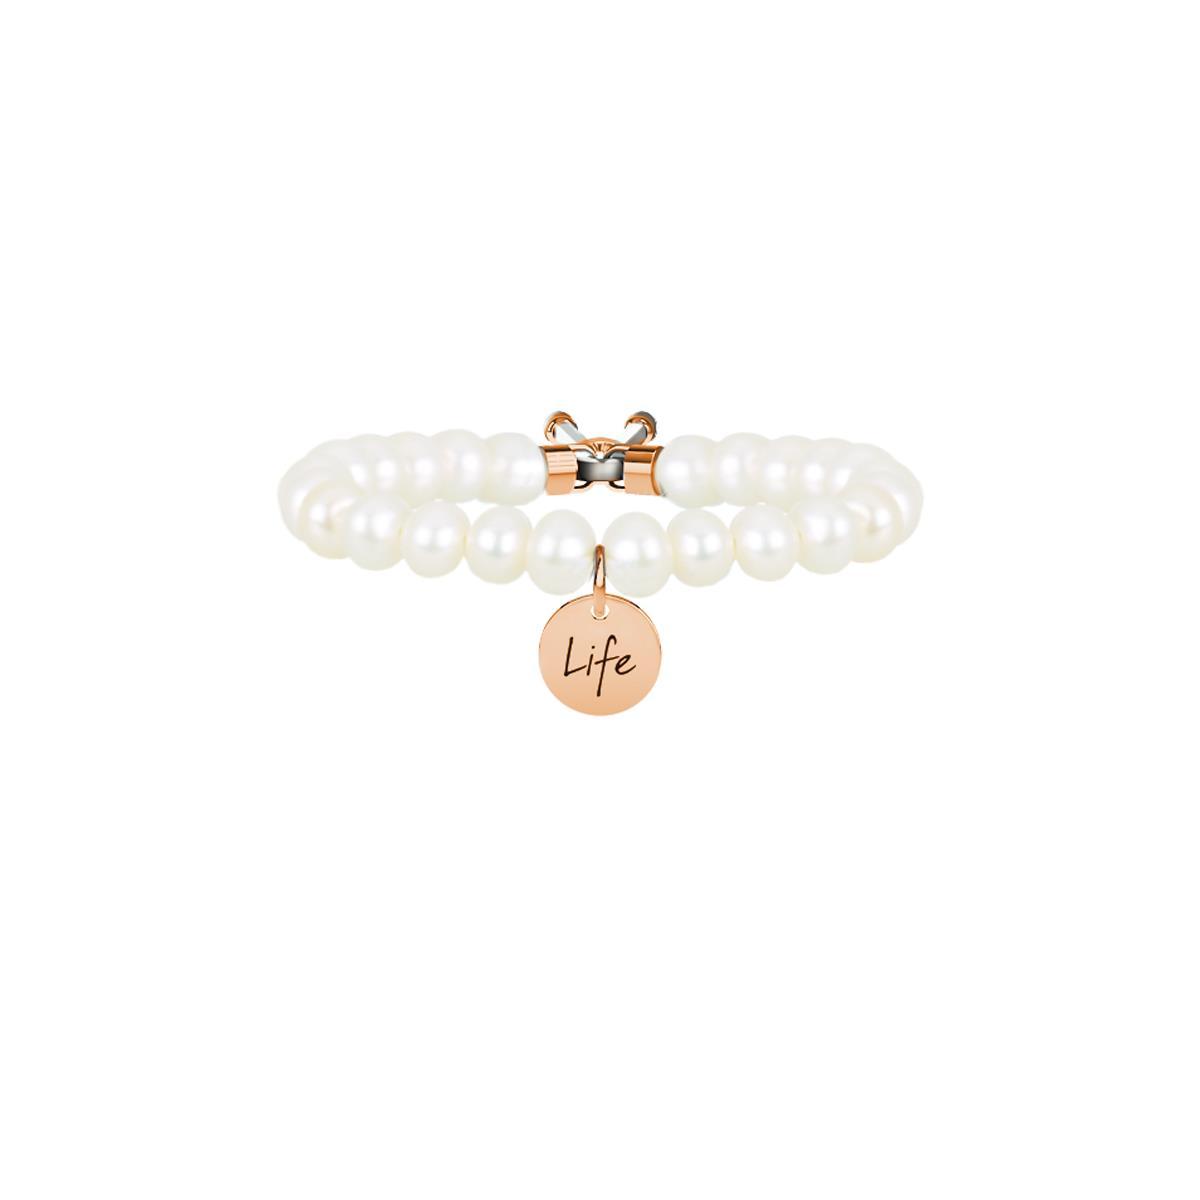 Bracciale Symbols Perle Bianche Acciaio Oro Rosa Donna 731051 - KIDULT